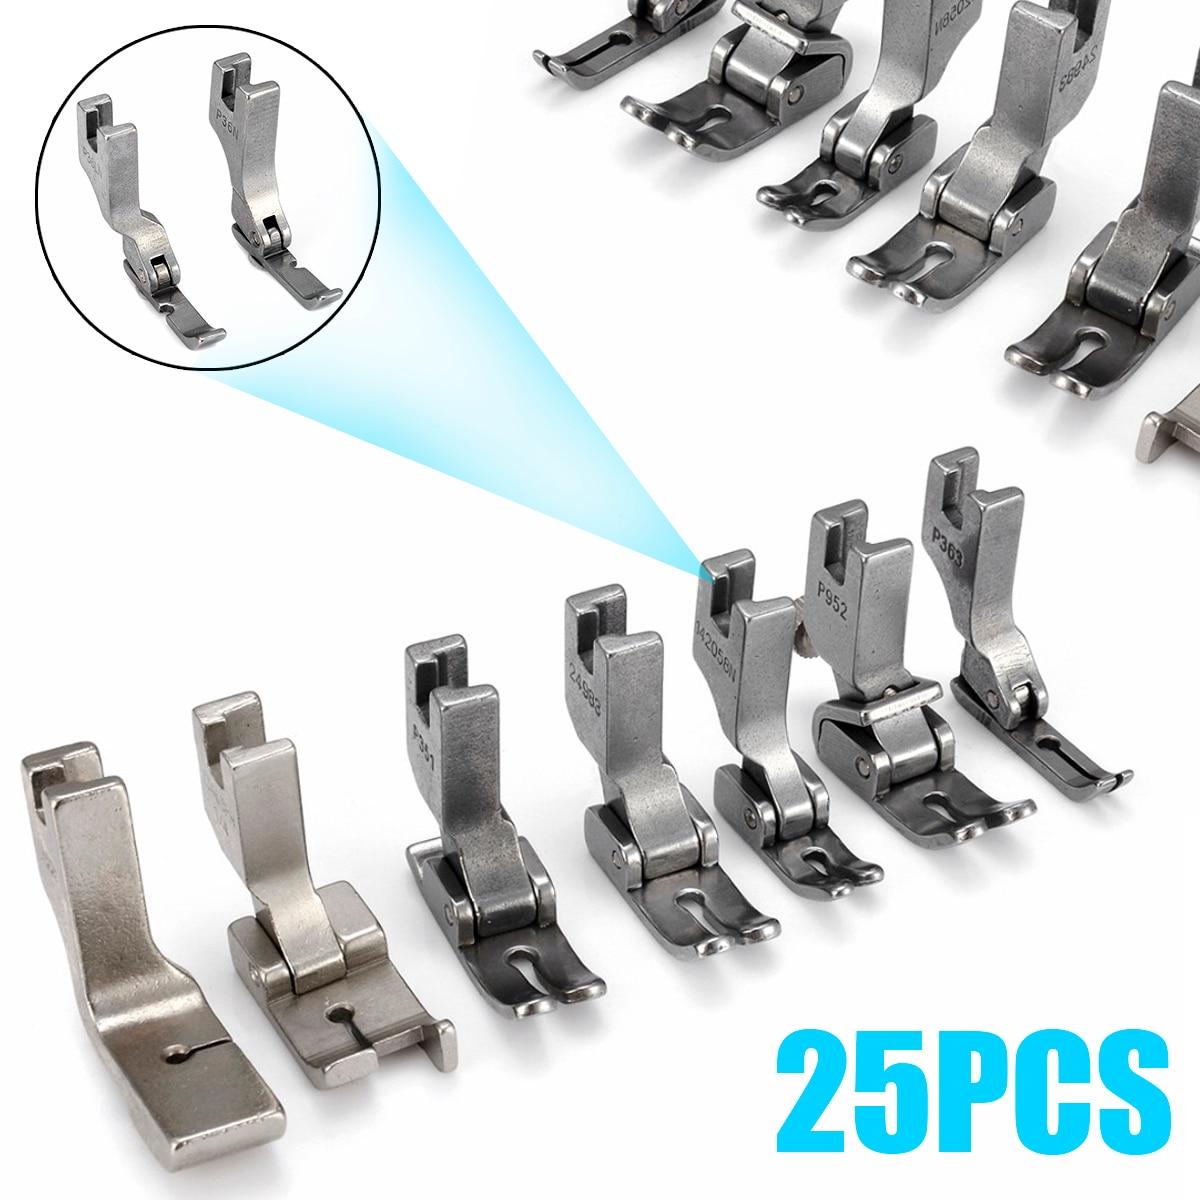 25 шт. Серебряный лапка швейная машина высокая-пресс для хвостовика ноги набор для JUKI DDL-5550 8500 8700 Промышленная швейная машина